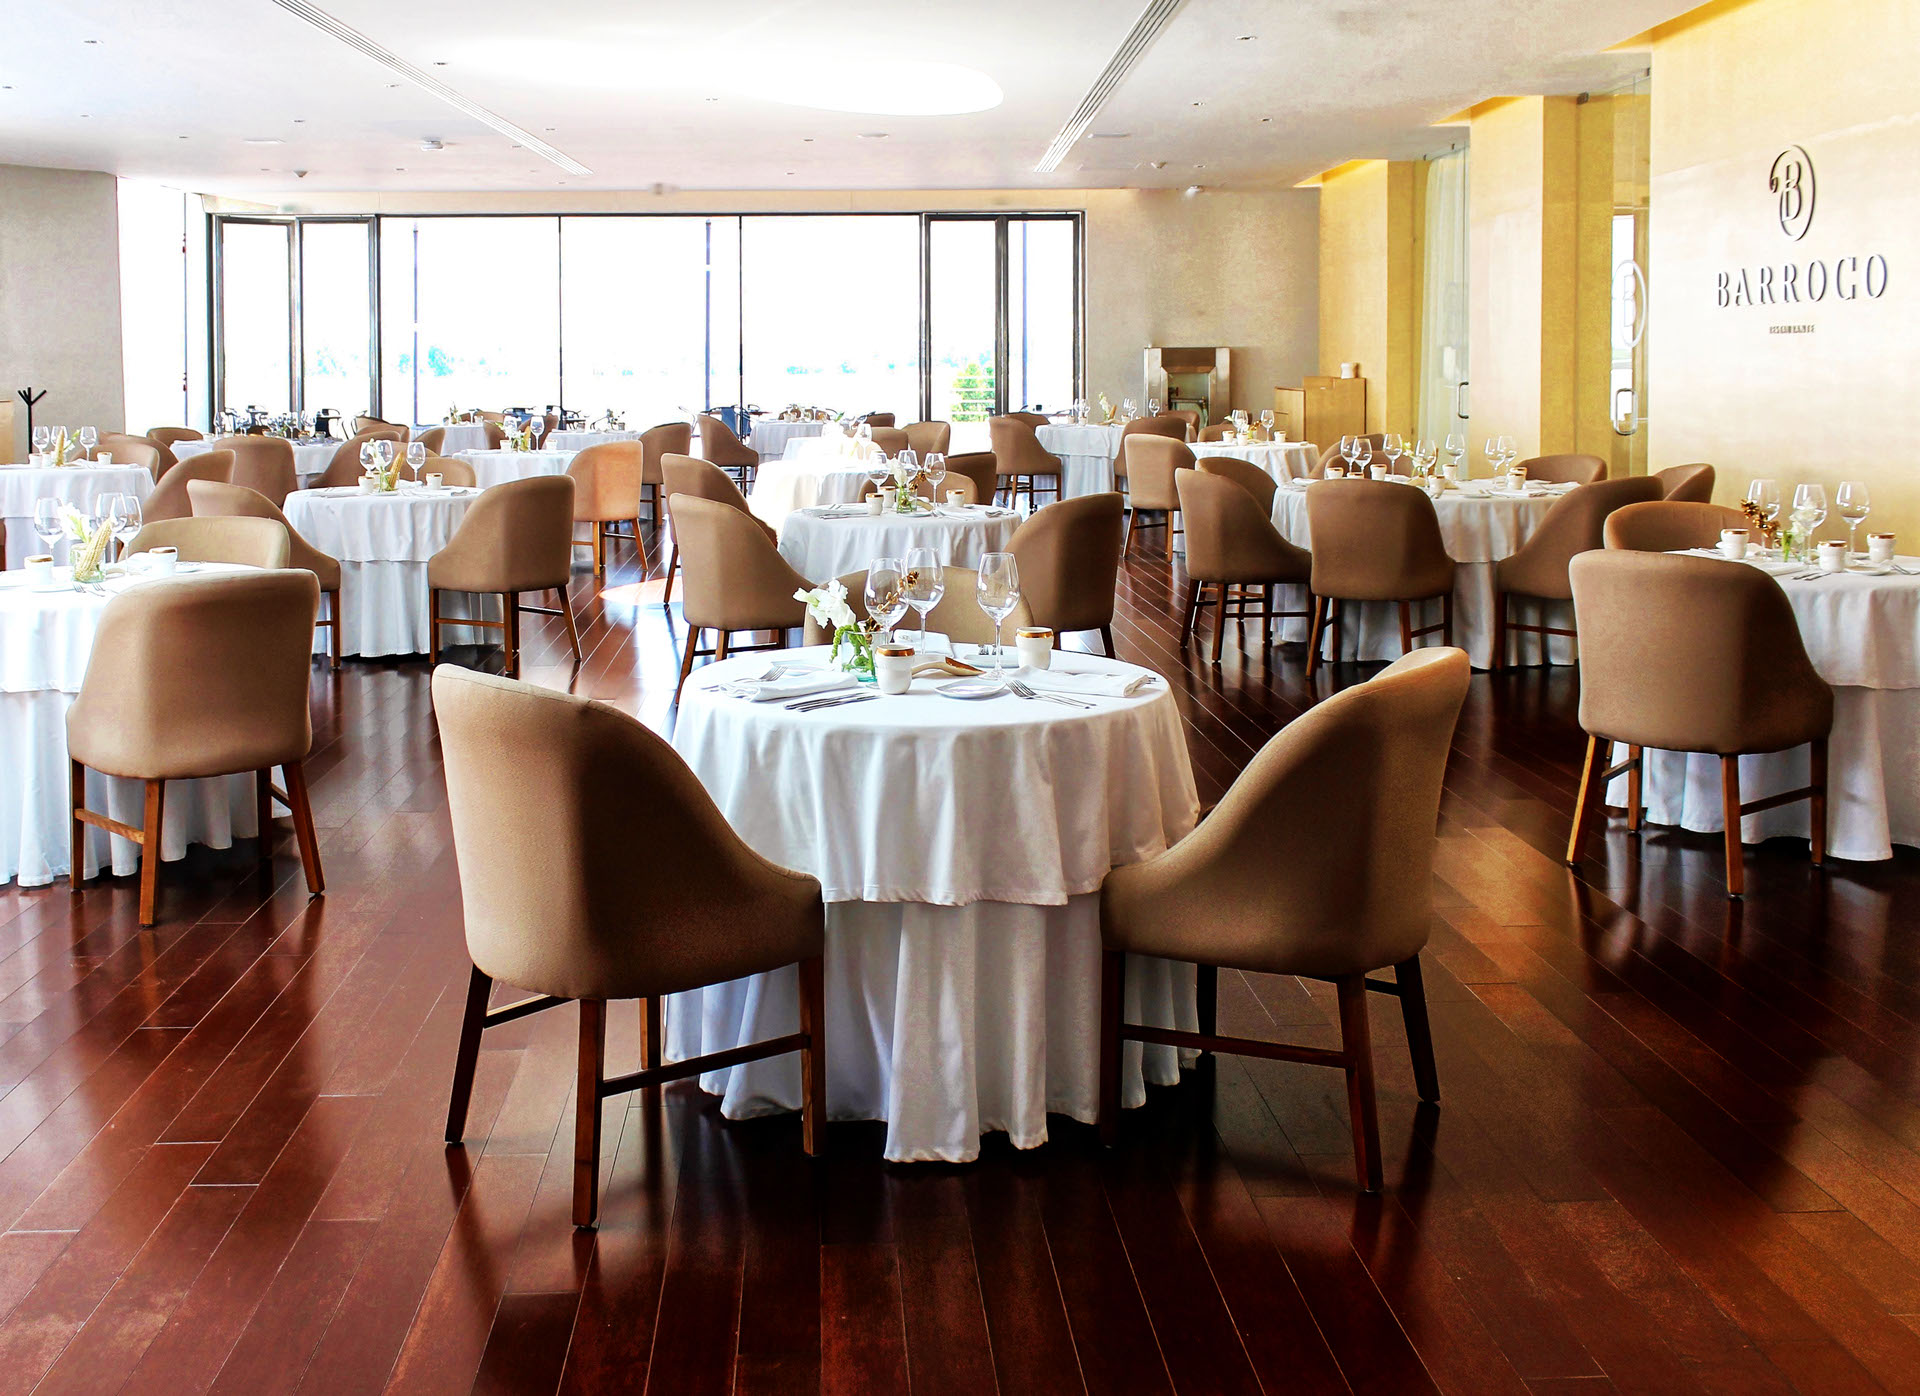 Barroco Restaurante, estrella culinaria en Puebla